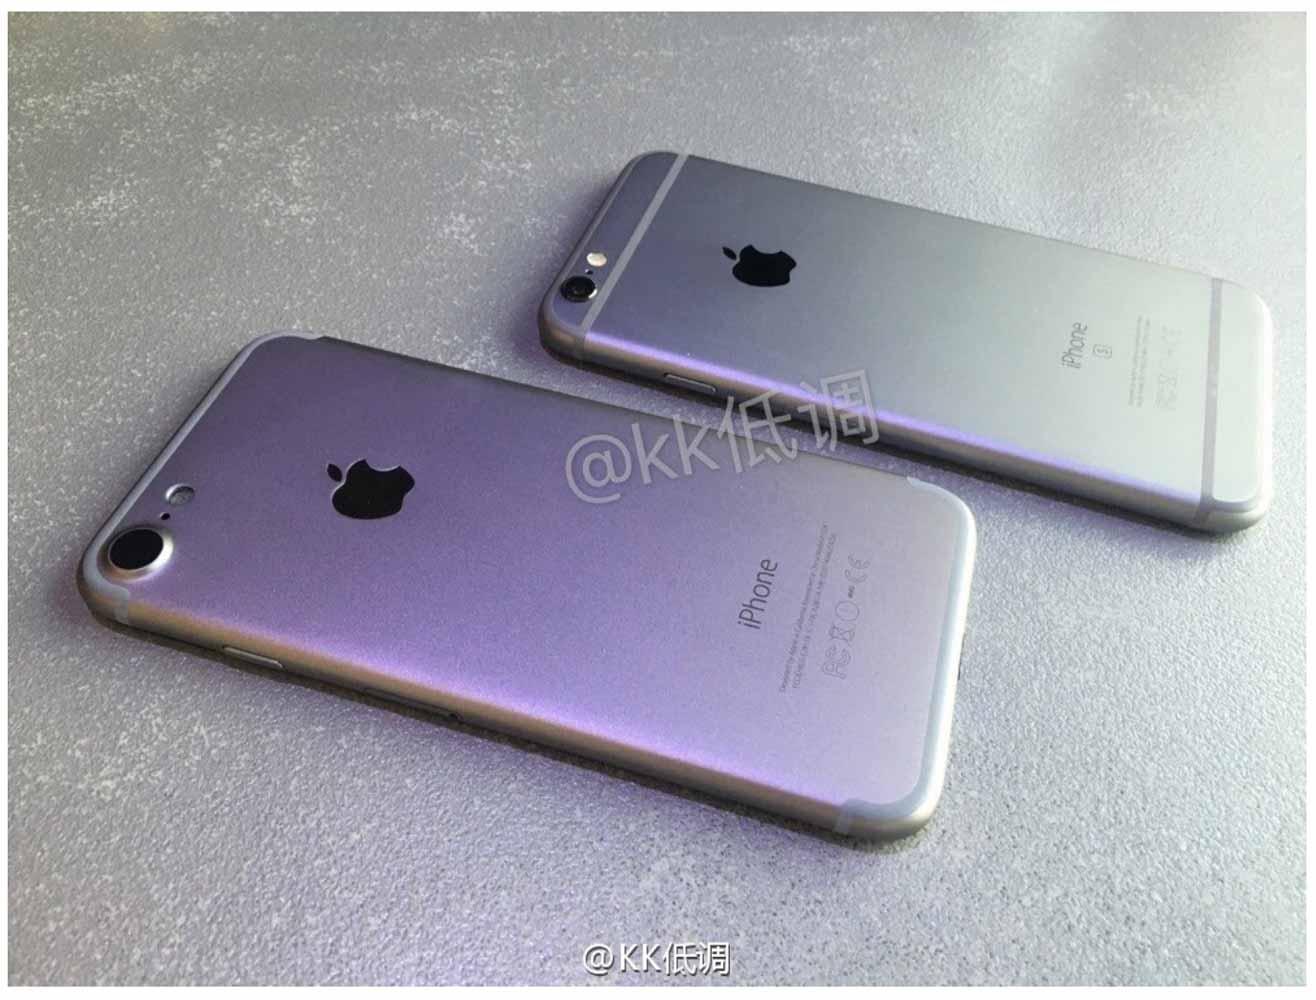 「iPhone 7」のモックアップと「iPhone 6s」を比較した画像や動画